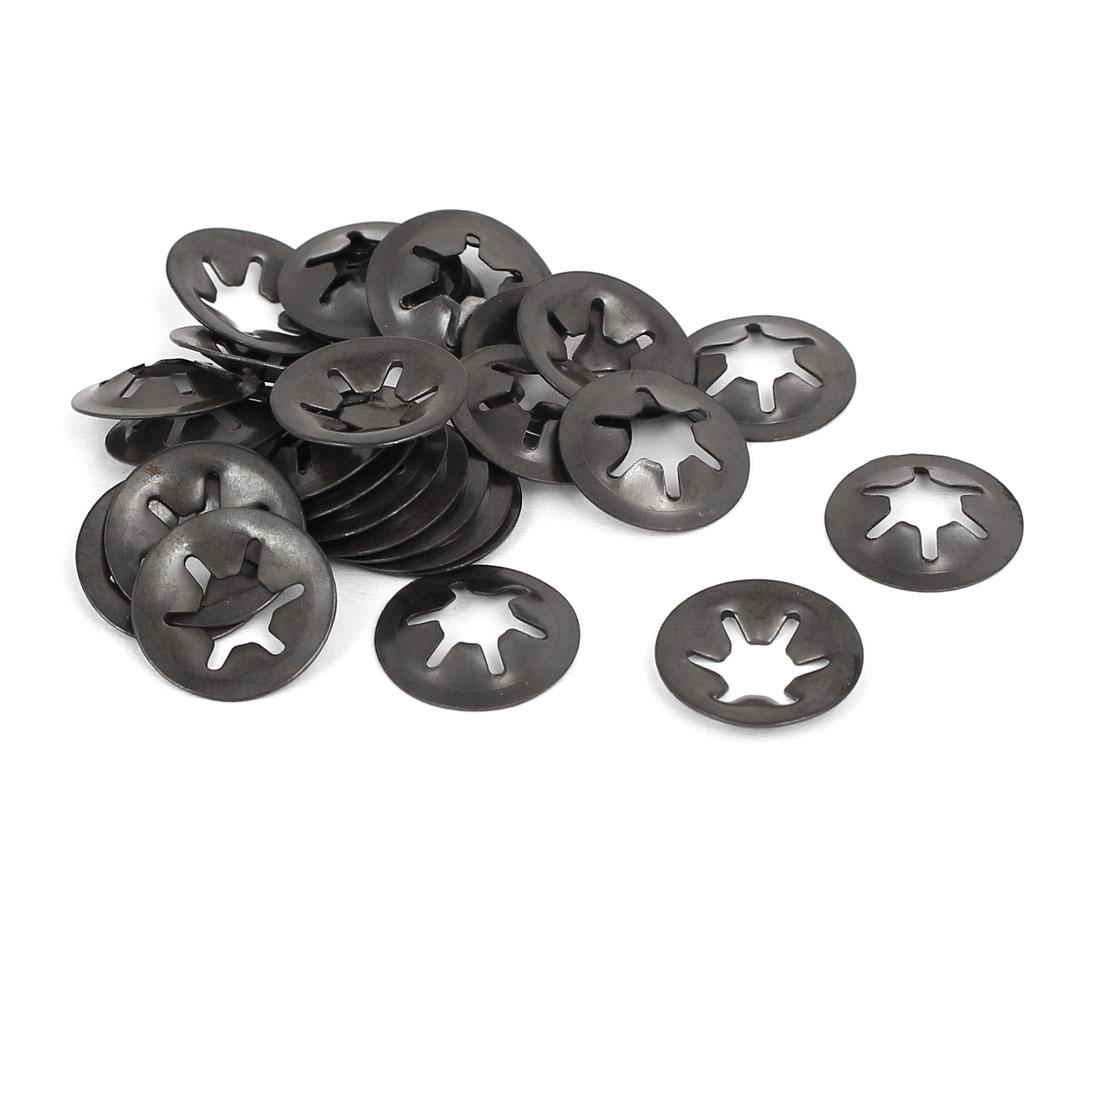 6mm x 16mm Quicklock Starlock Star Speed Lock Locking Washers 30PCS